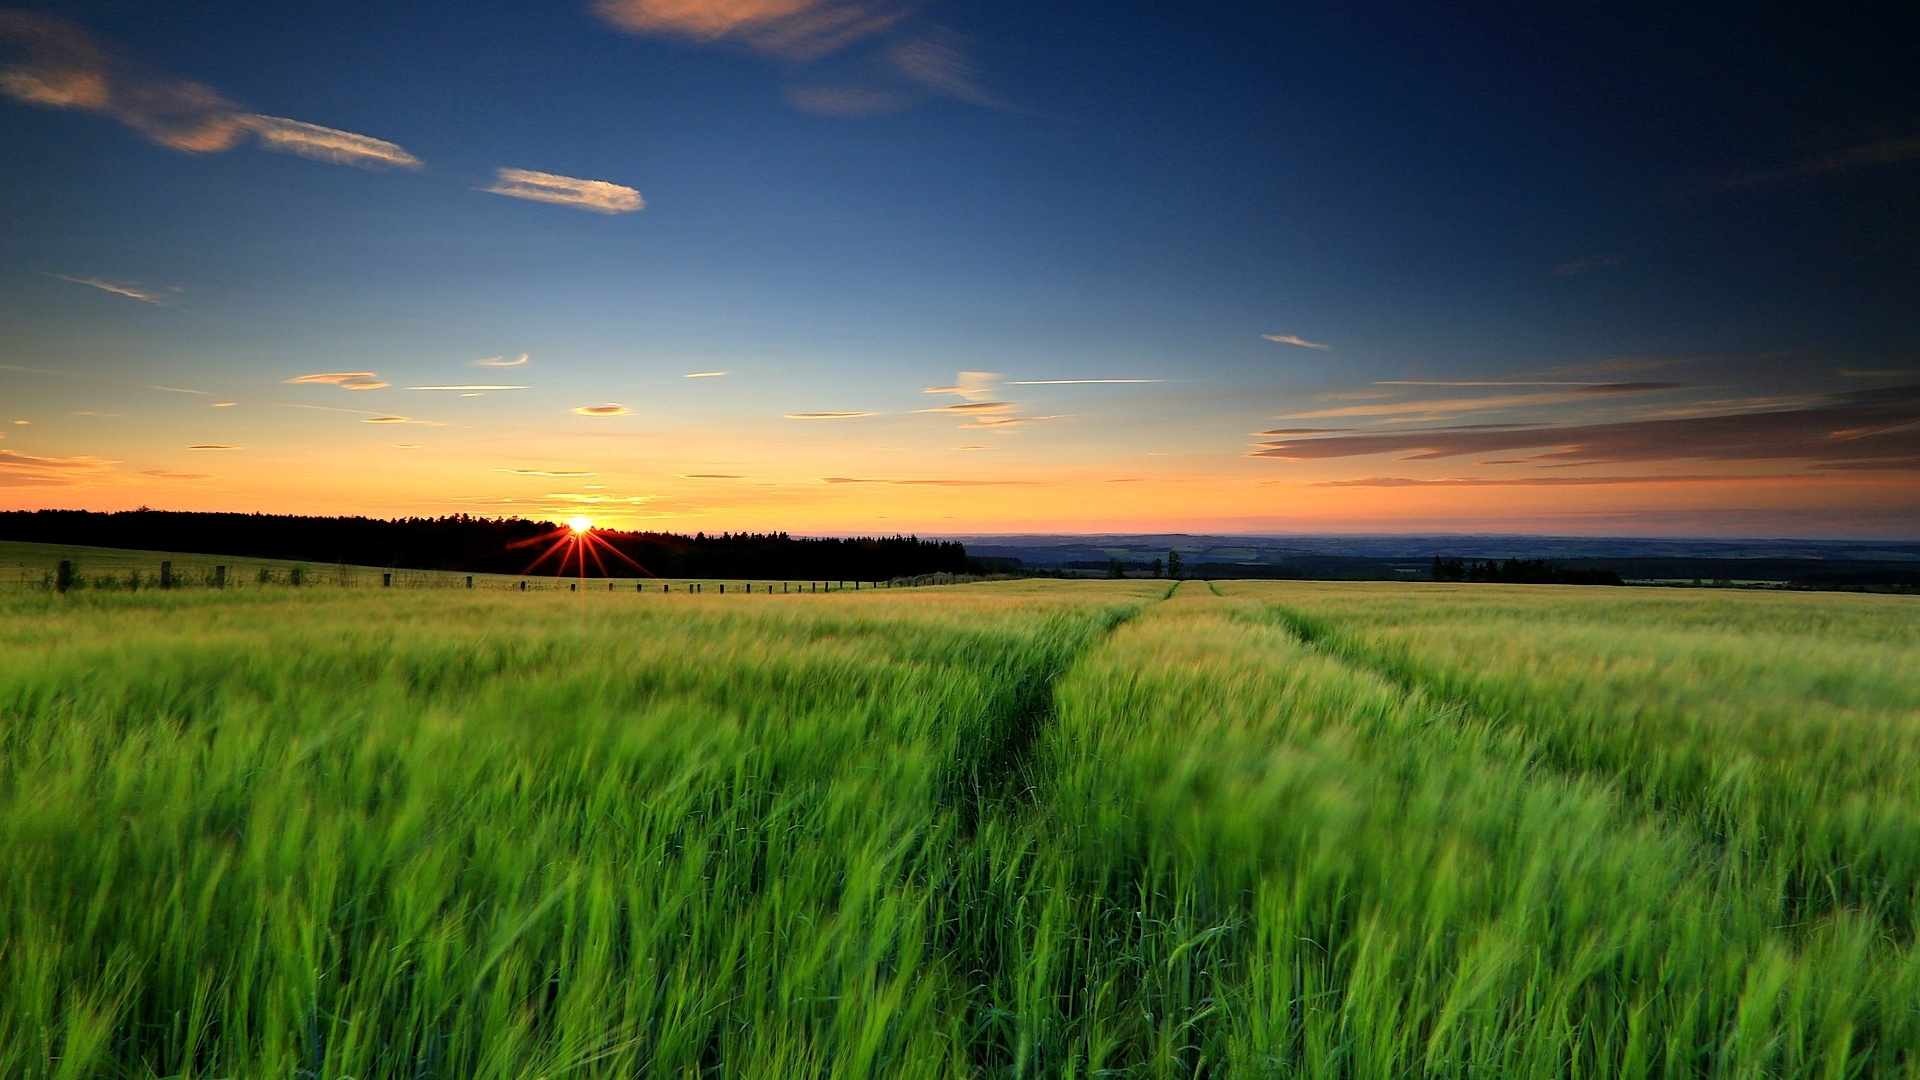 Wallpaper Nature Landscape, Green Grass, Wheat Fields